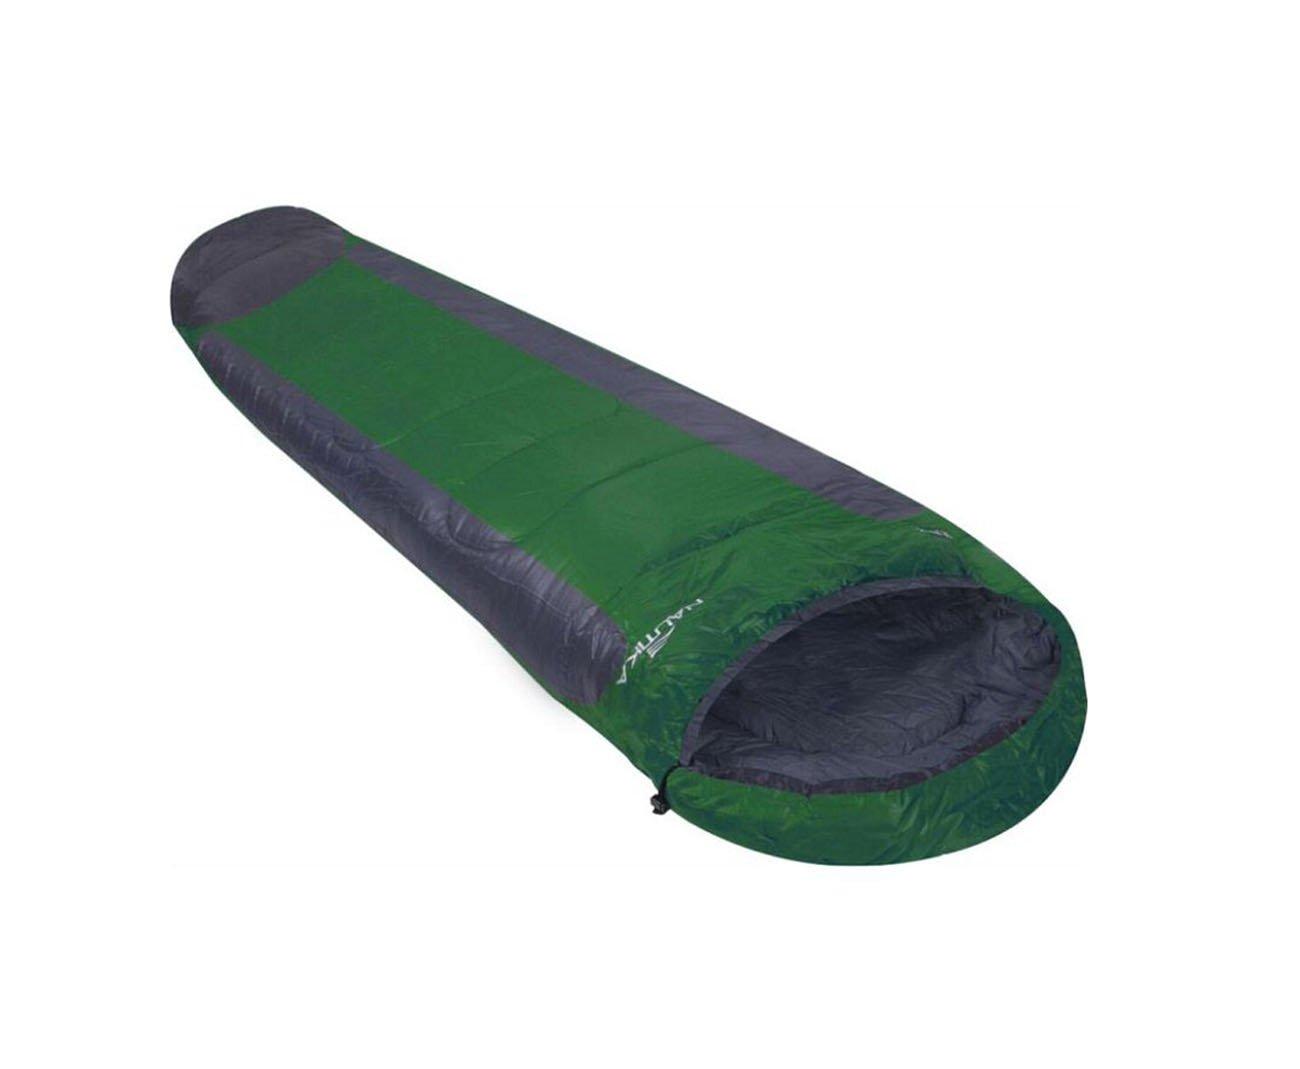 Saco De Dormir Nautika Modelo Mummy -1°c A +8°c Na Cor Preto Com Verde